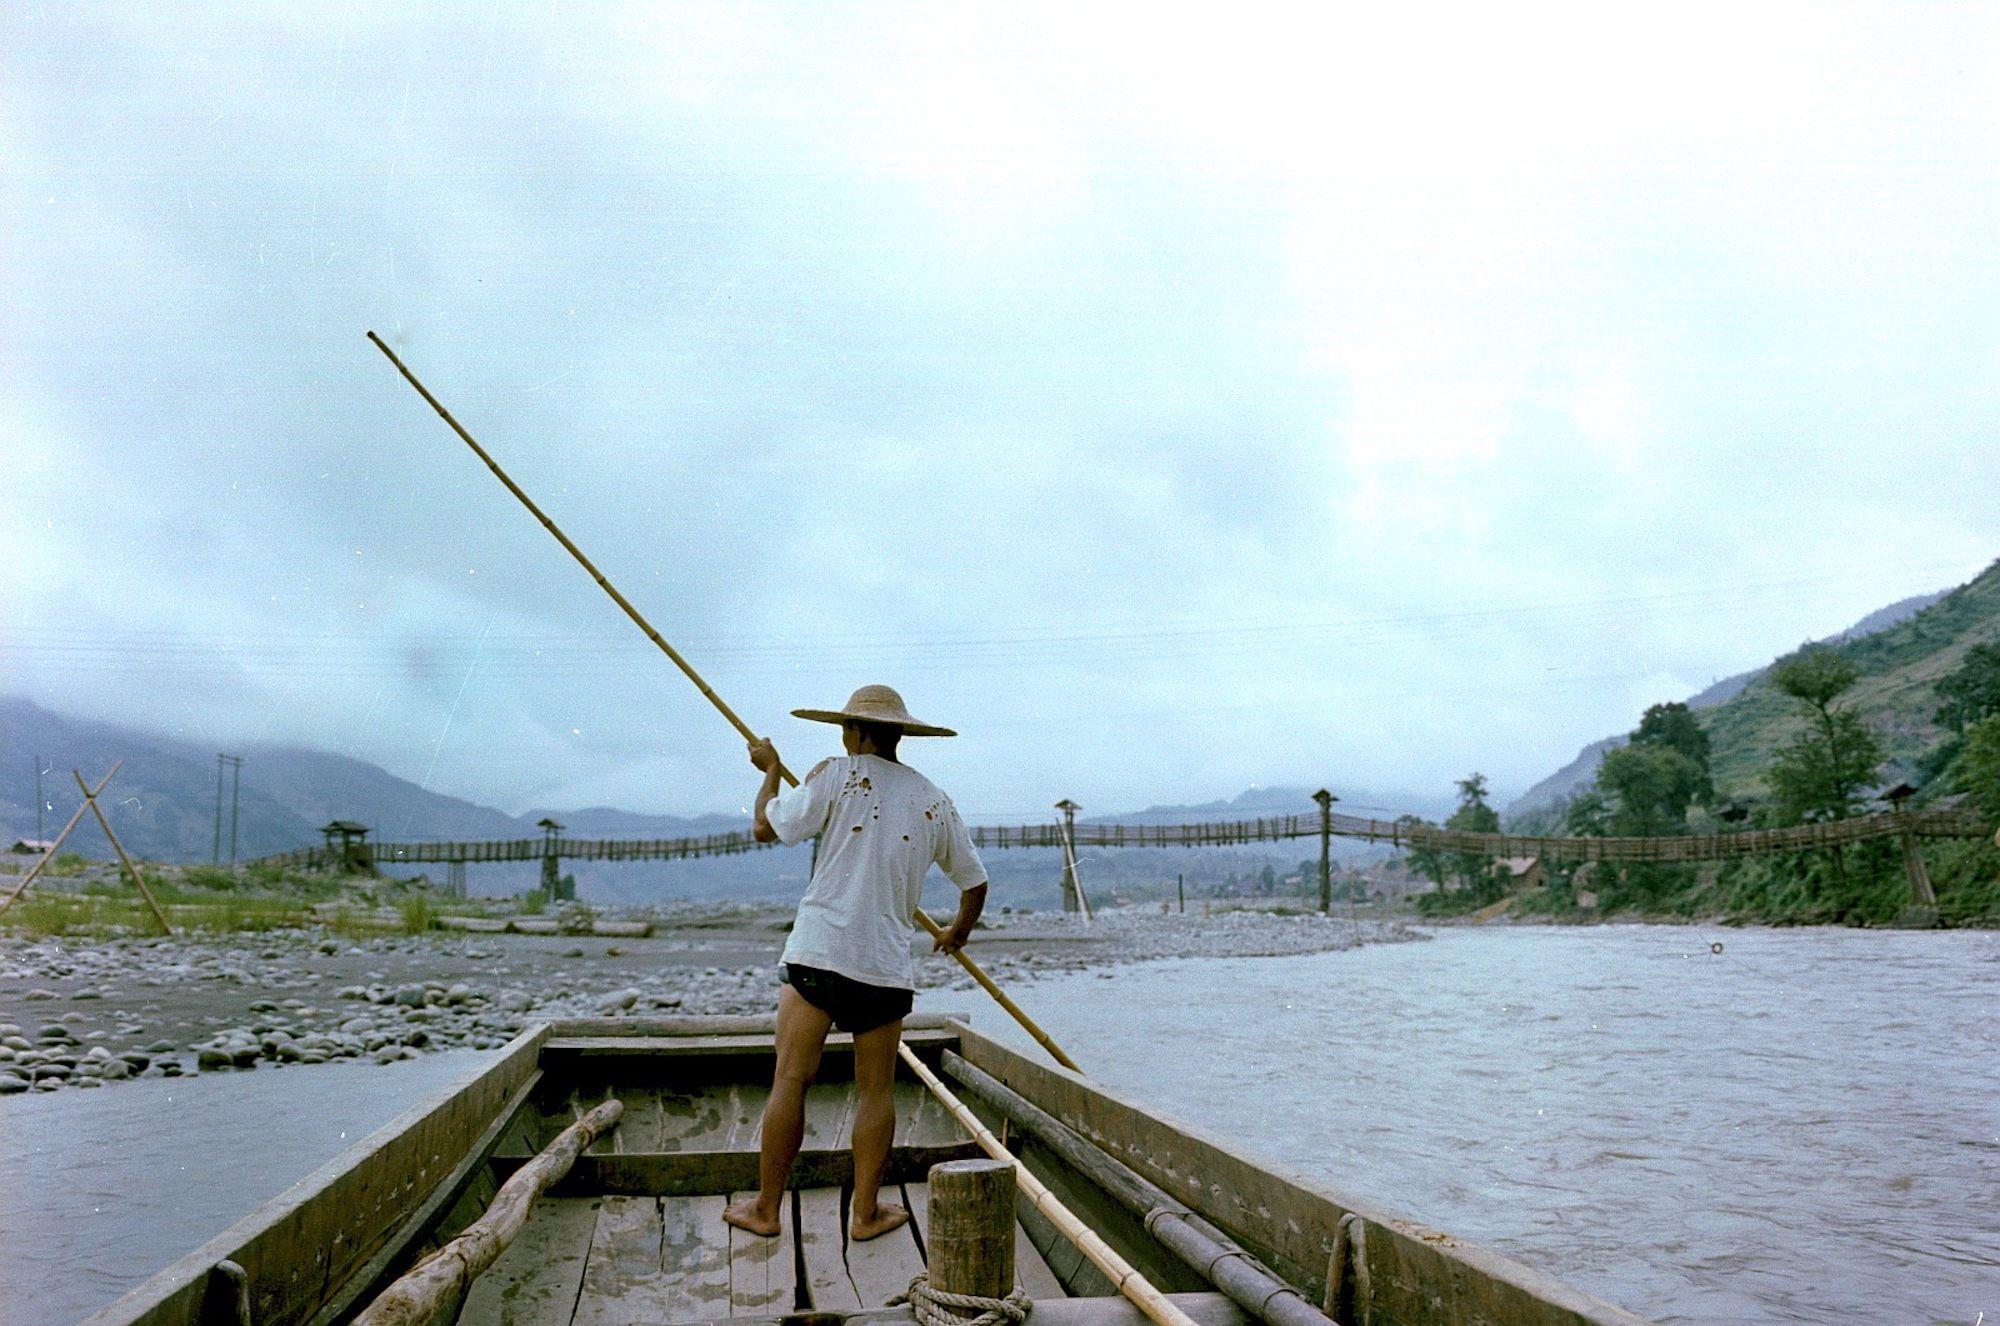 珍贵老照片,1959年都江堰安澜桥,成都本地人记忆中的原版古桥